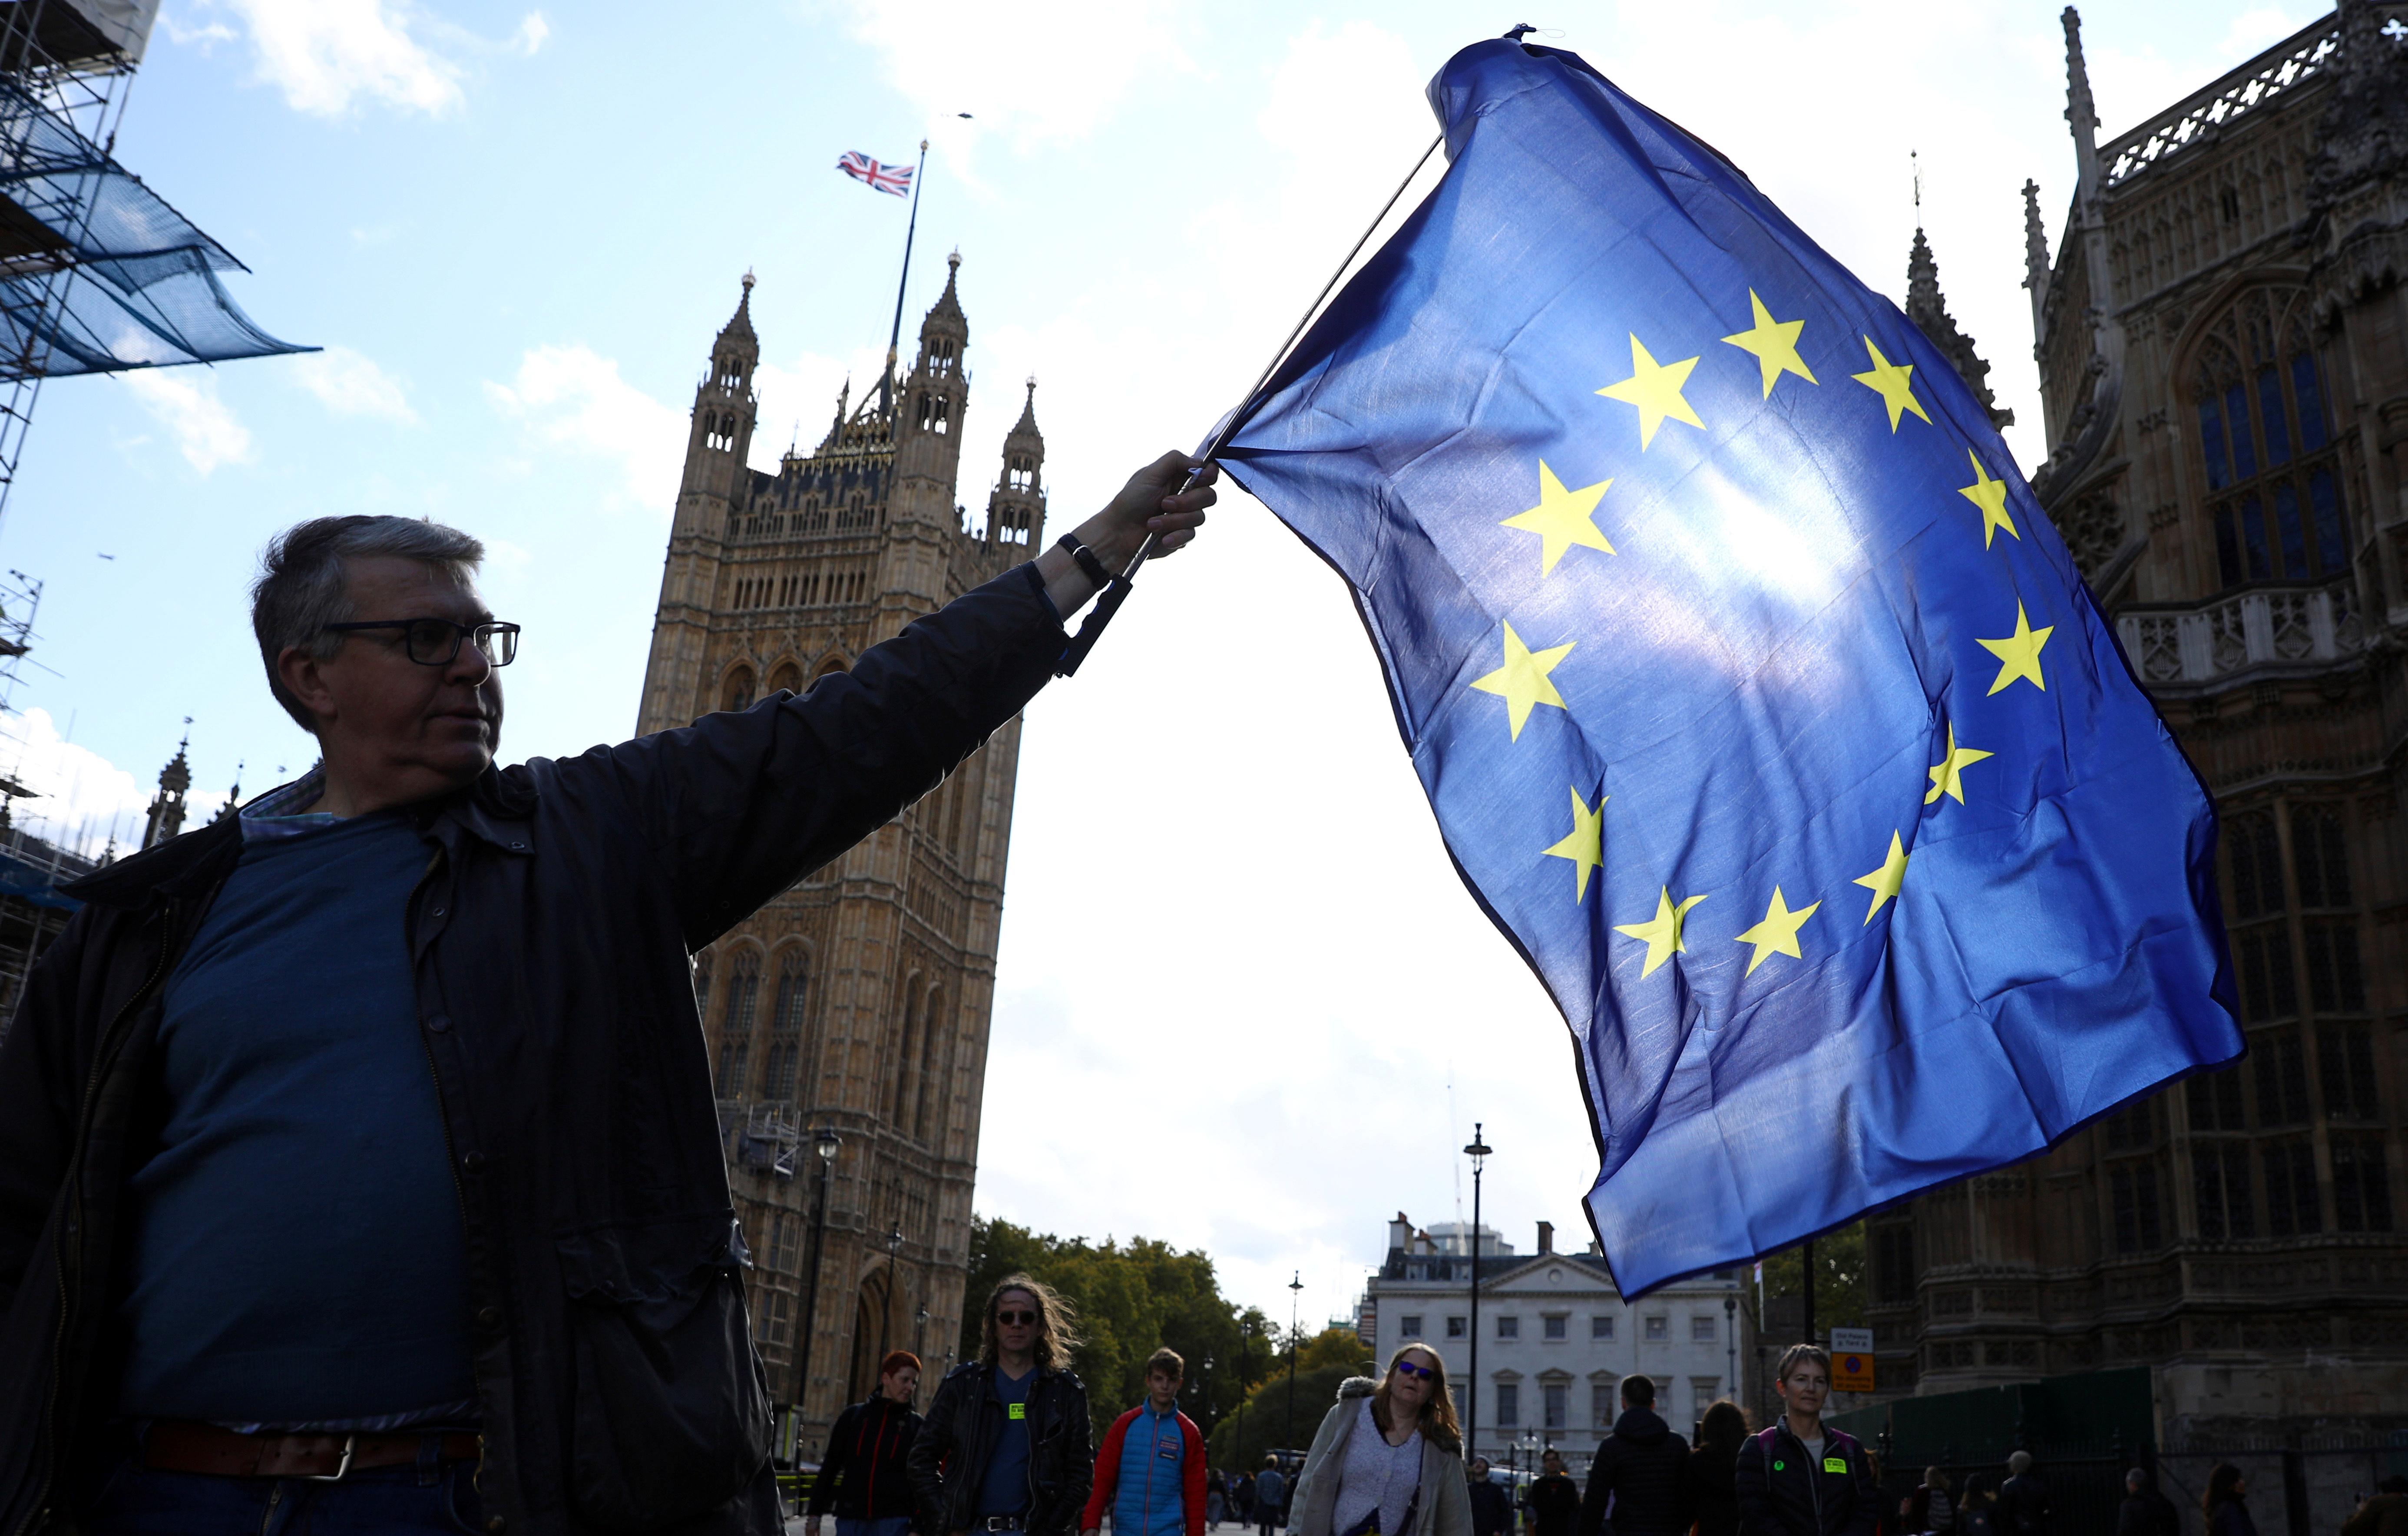 Ψήνεται παράταση στο Brexit; Σενάριο για διορία ως τον Φεβρουάριο